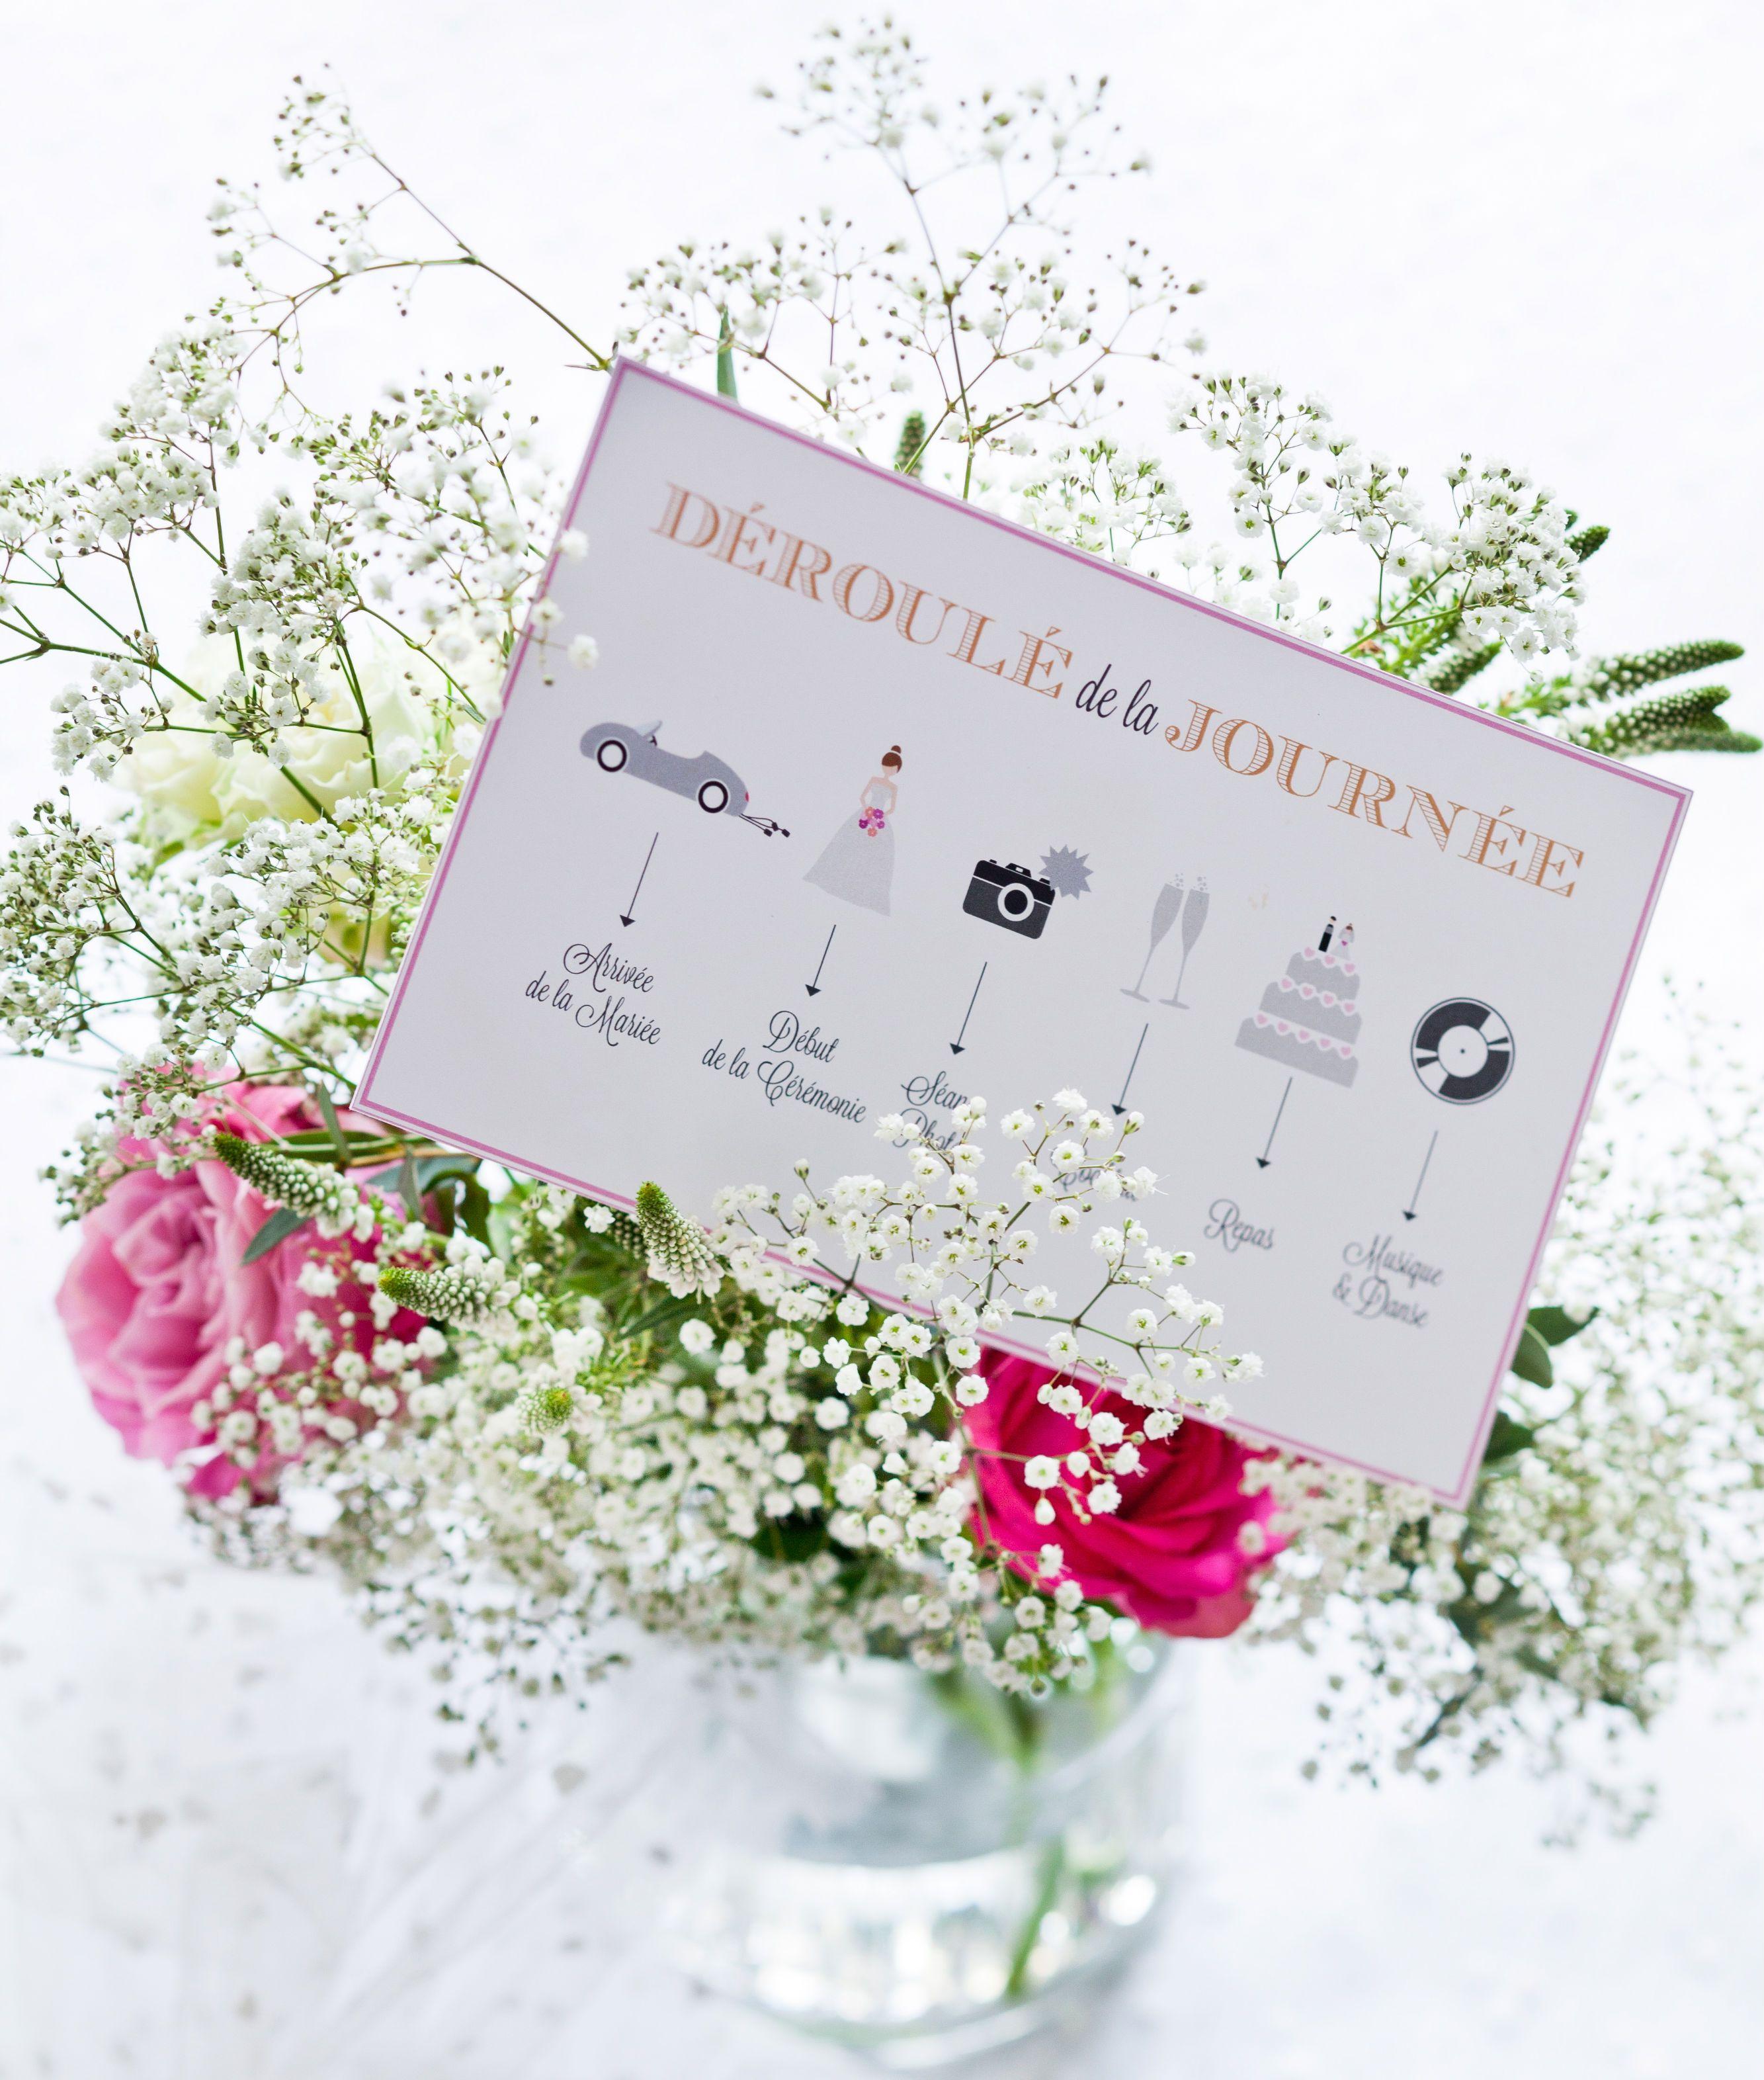 Luxe Image Mariage A Imprimer Gratuitement